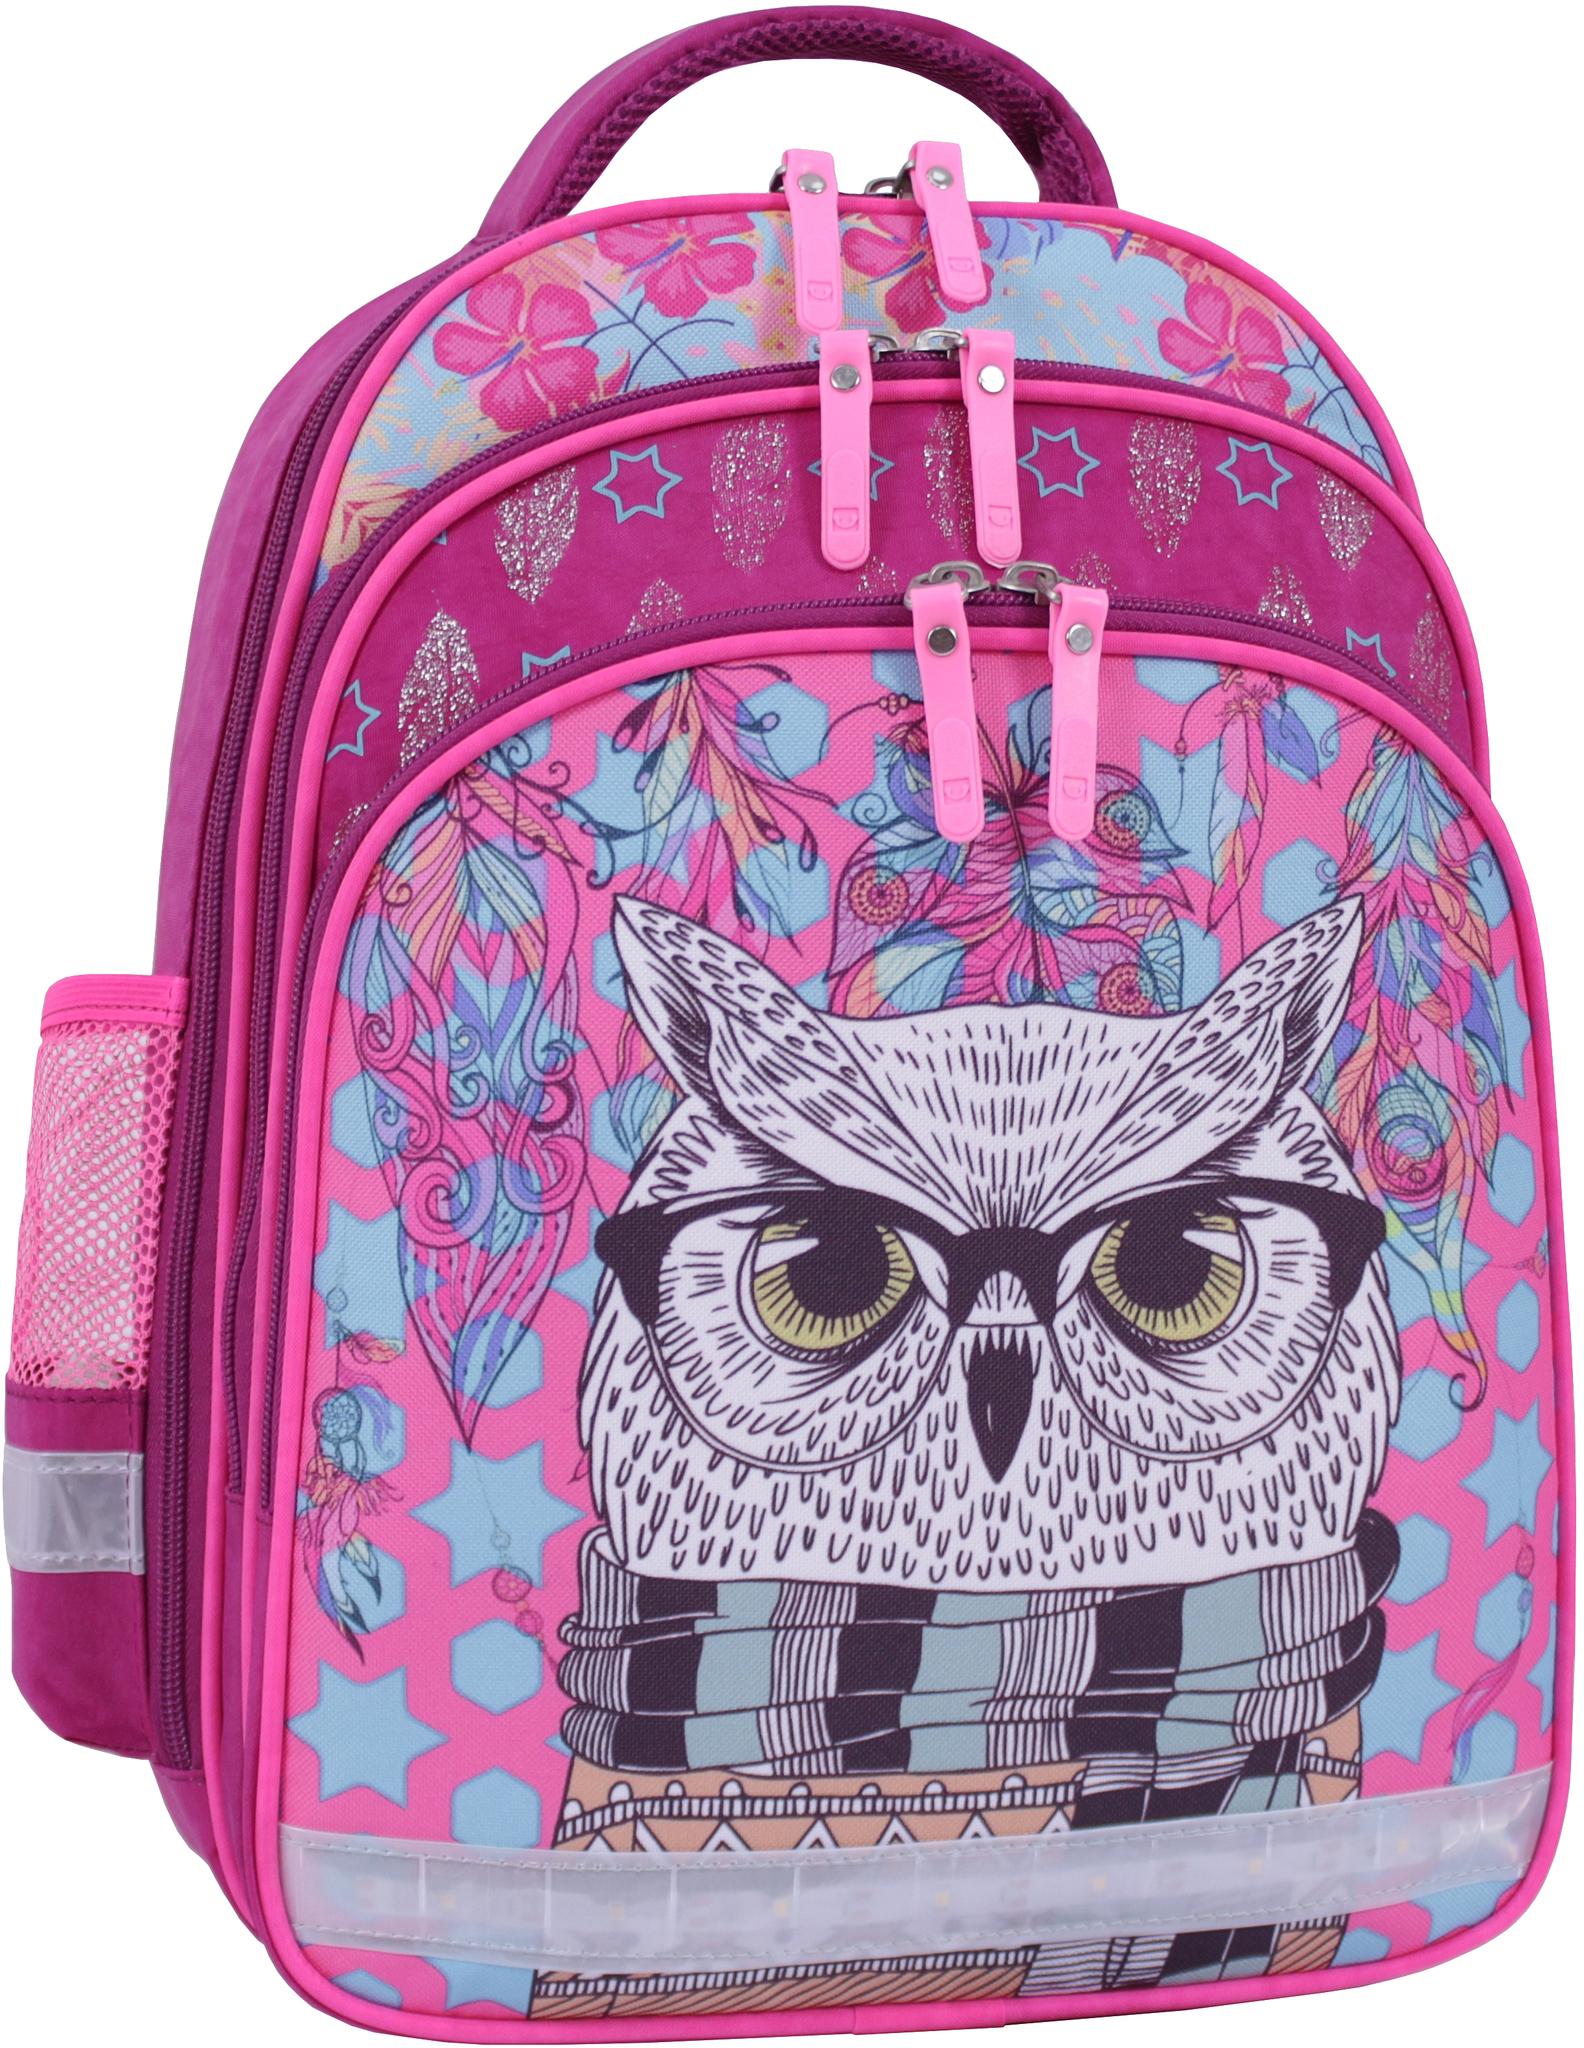 Детские рюкзаки Рюкзак школьный Bagland Mouse 143 малиновый 514 (0051370) IMG_9813_суб.514_.JPG